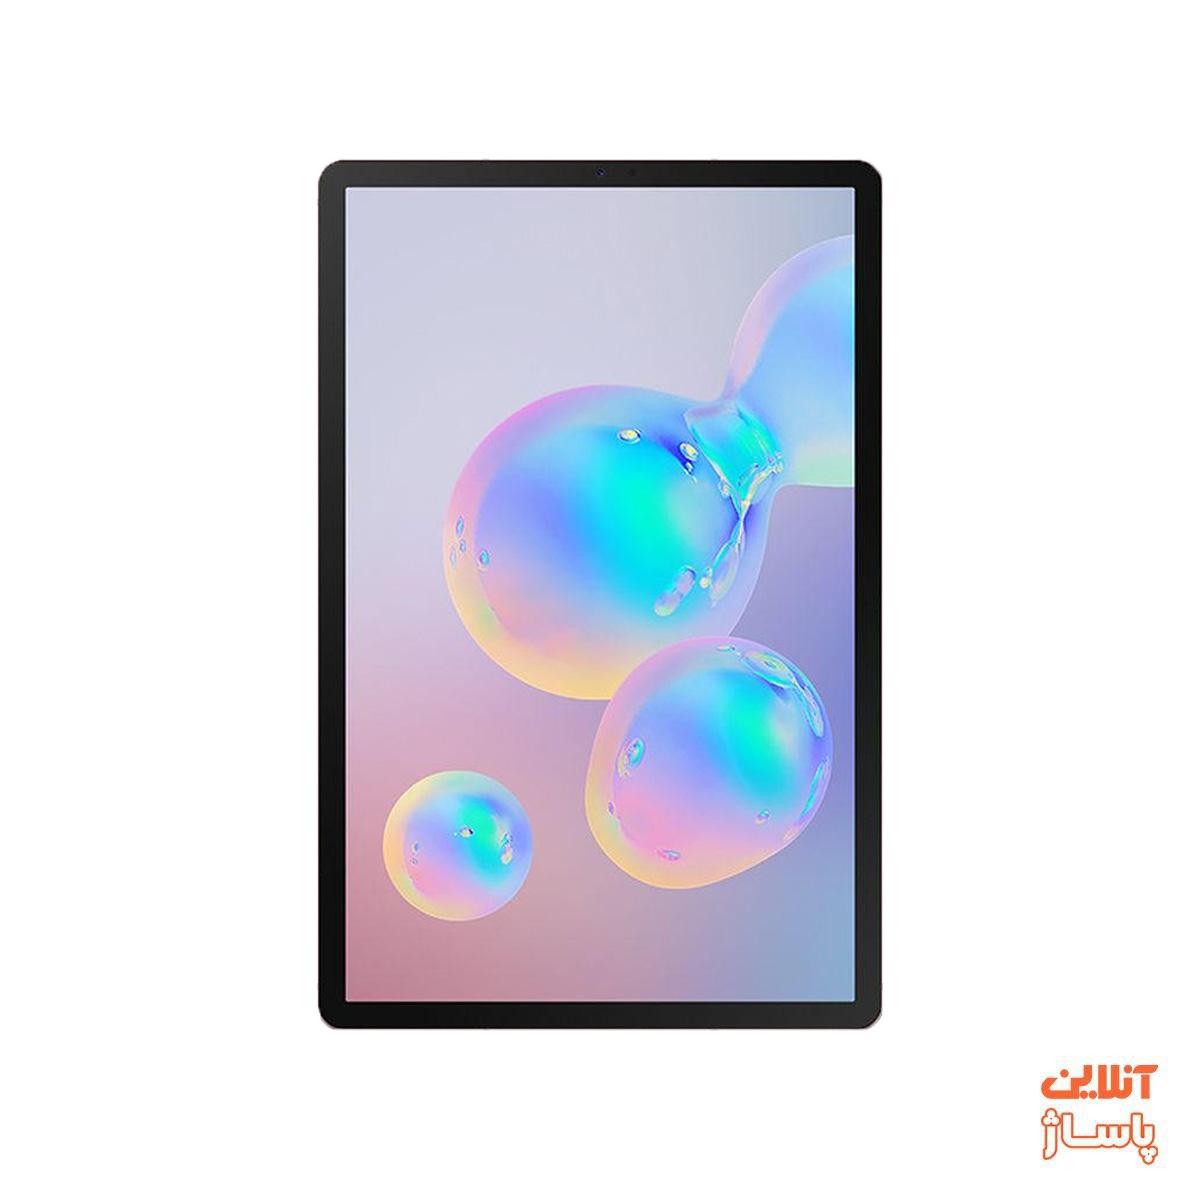 تبلت سامسونگ مدل Galaxy TAB S6 Lite SM-P615 LTE ظرفیت 128 گیگابایت